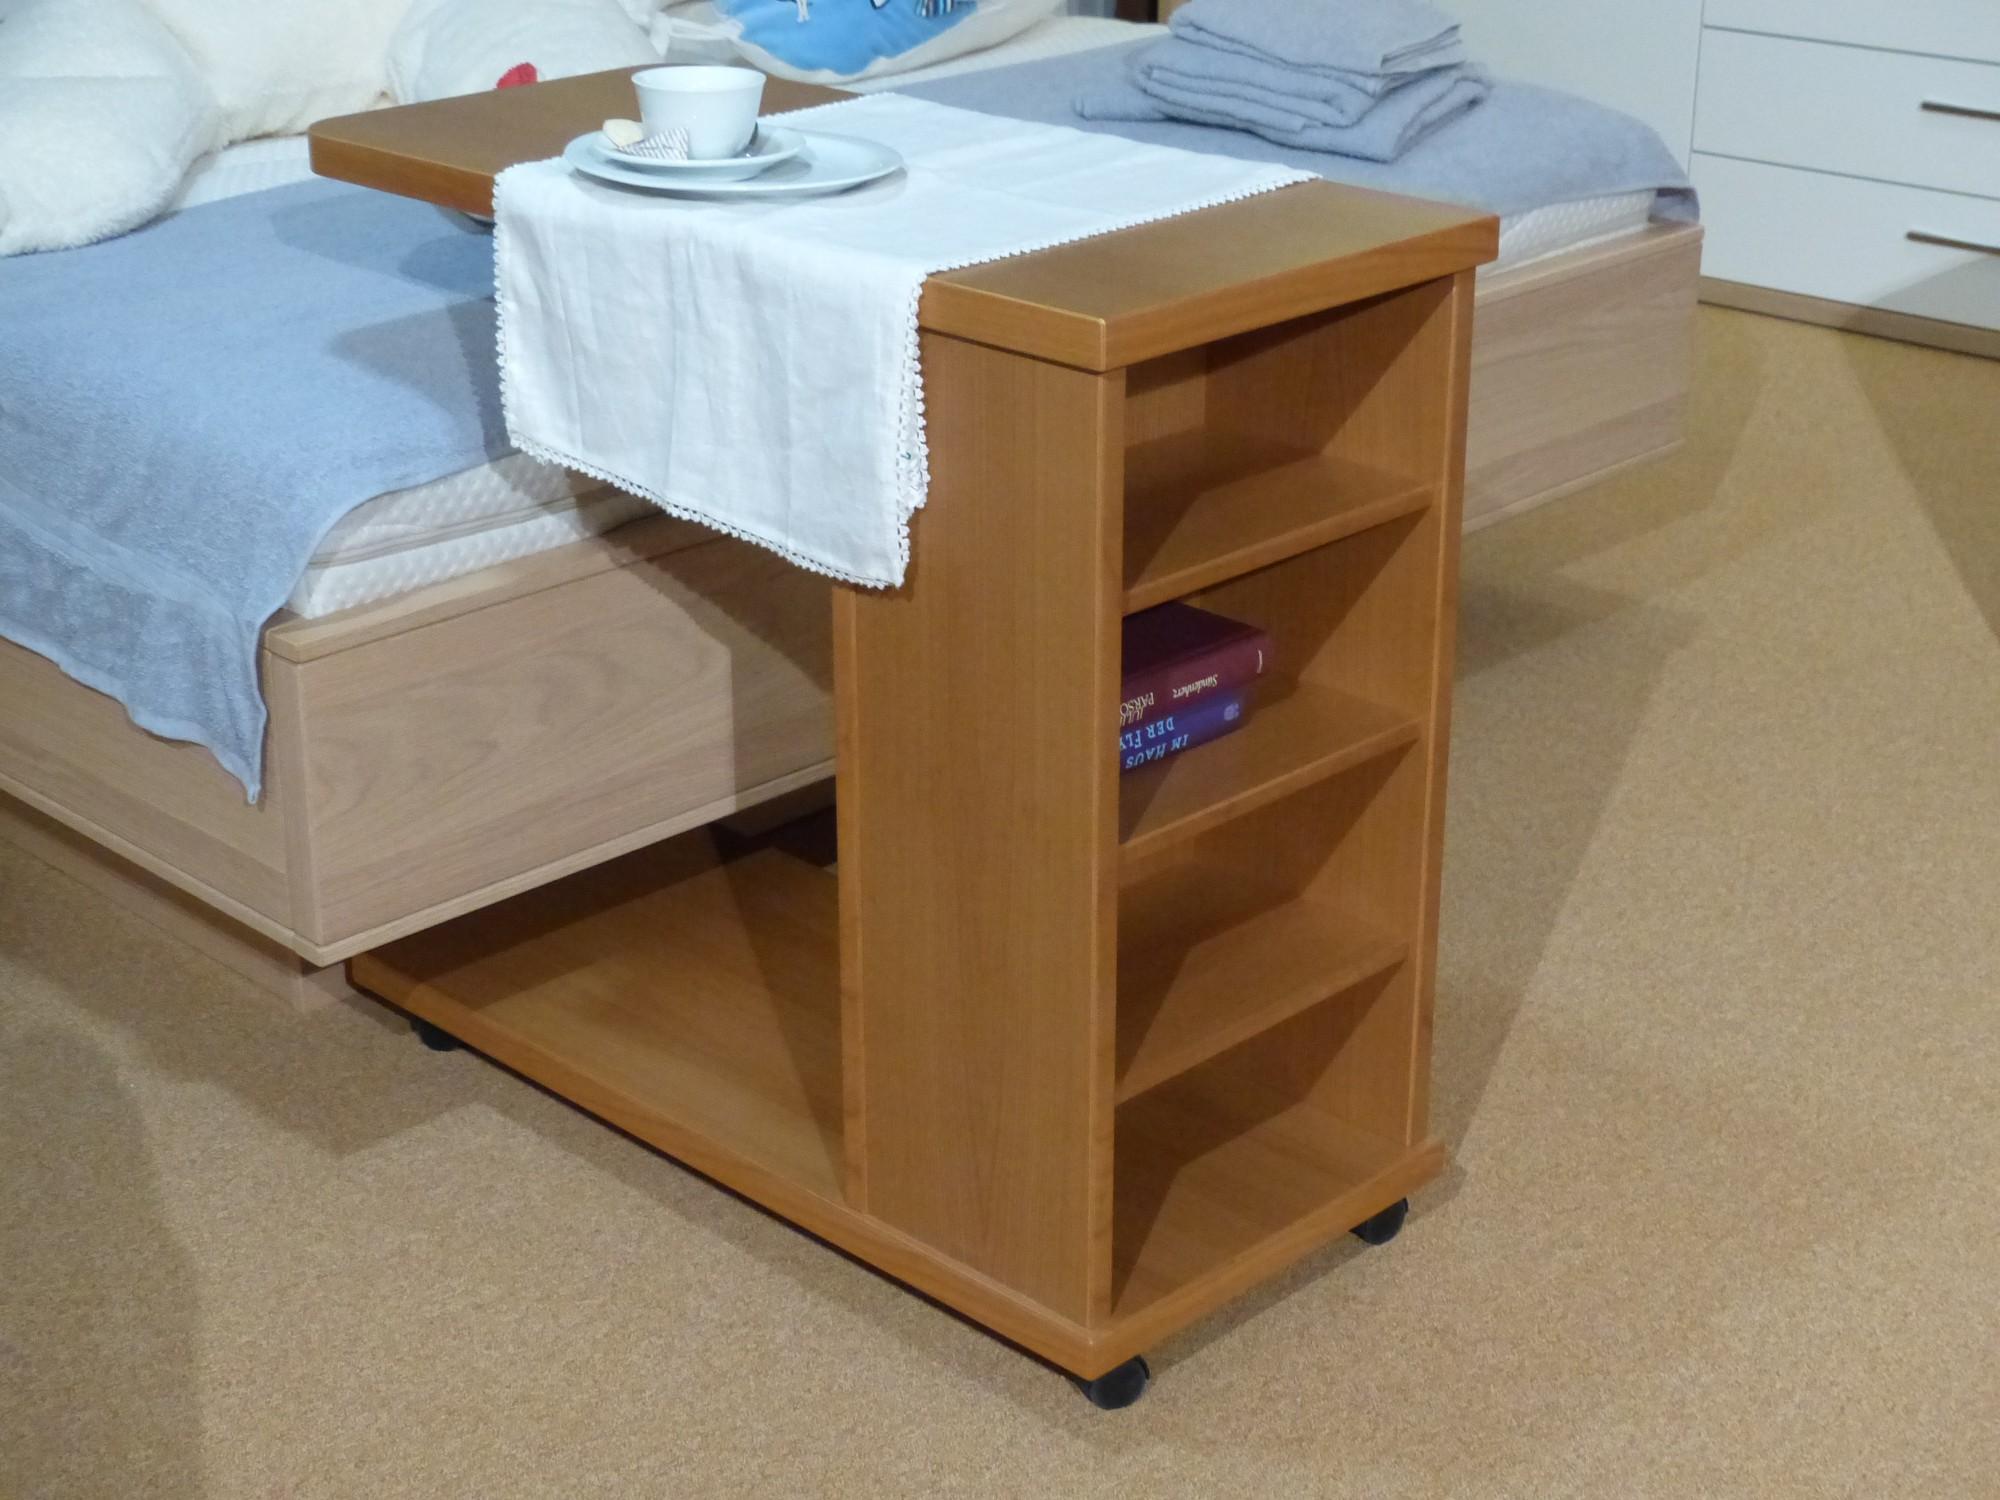 Schlafzimmer bett tisch: wahlen sie die perfekte farbe fur ...